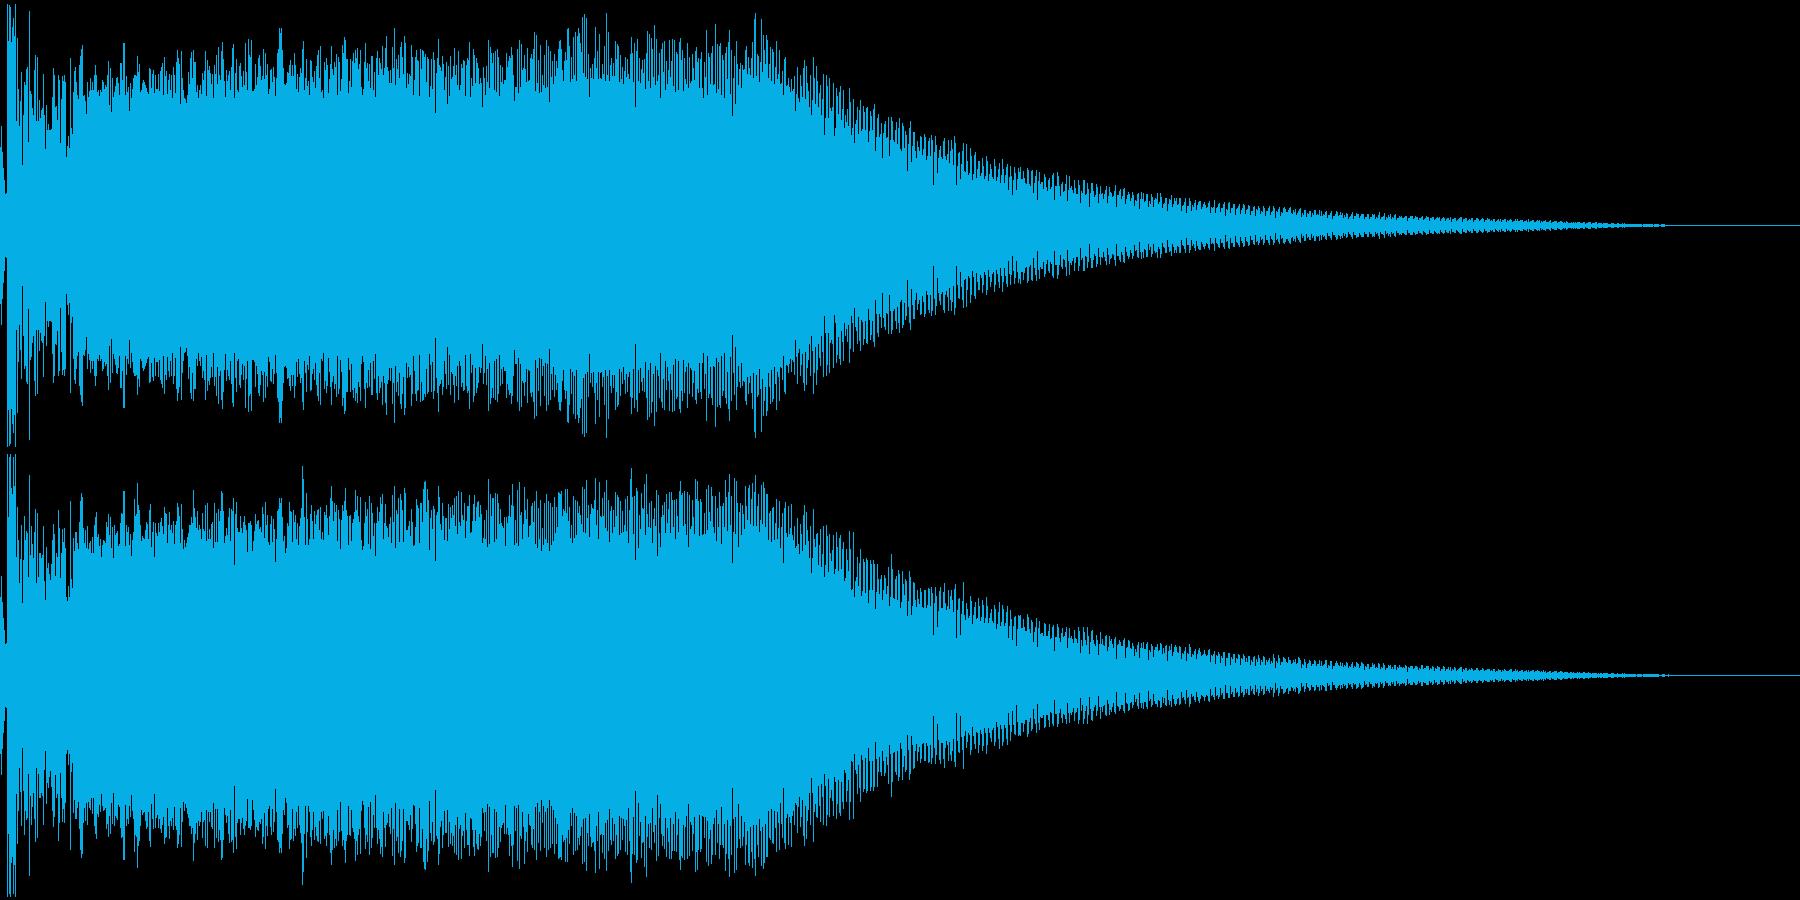 ビームライフル発射音 タイプ8の再生済みの波形